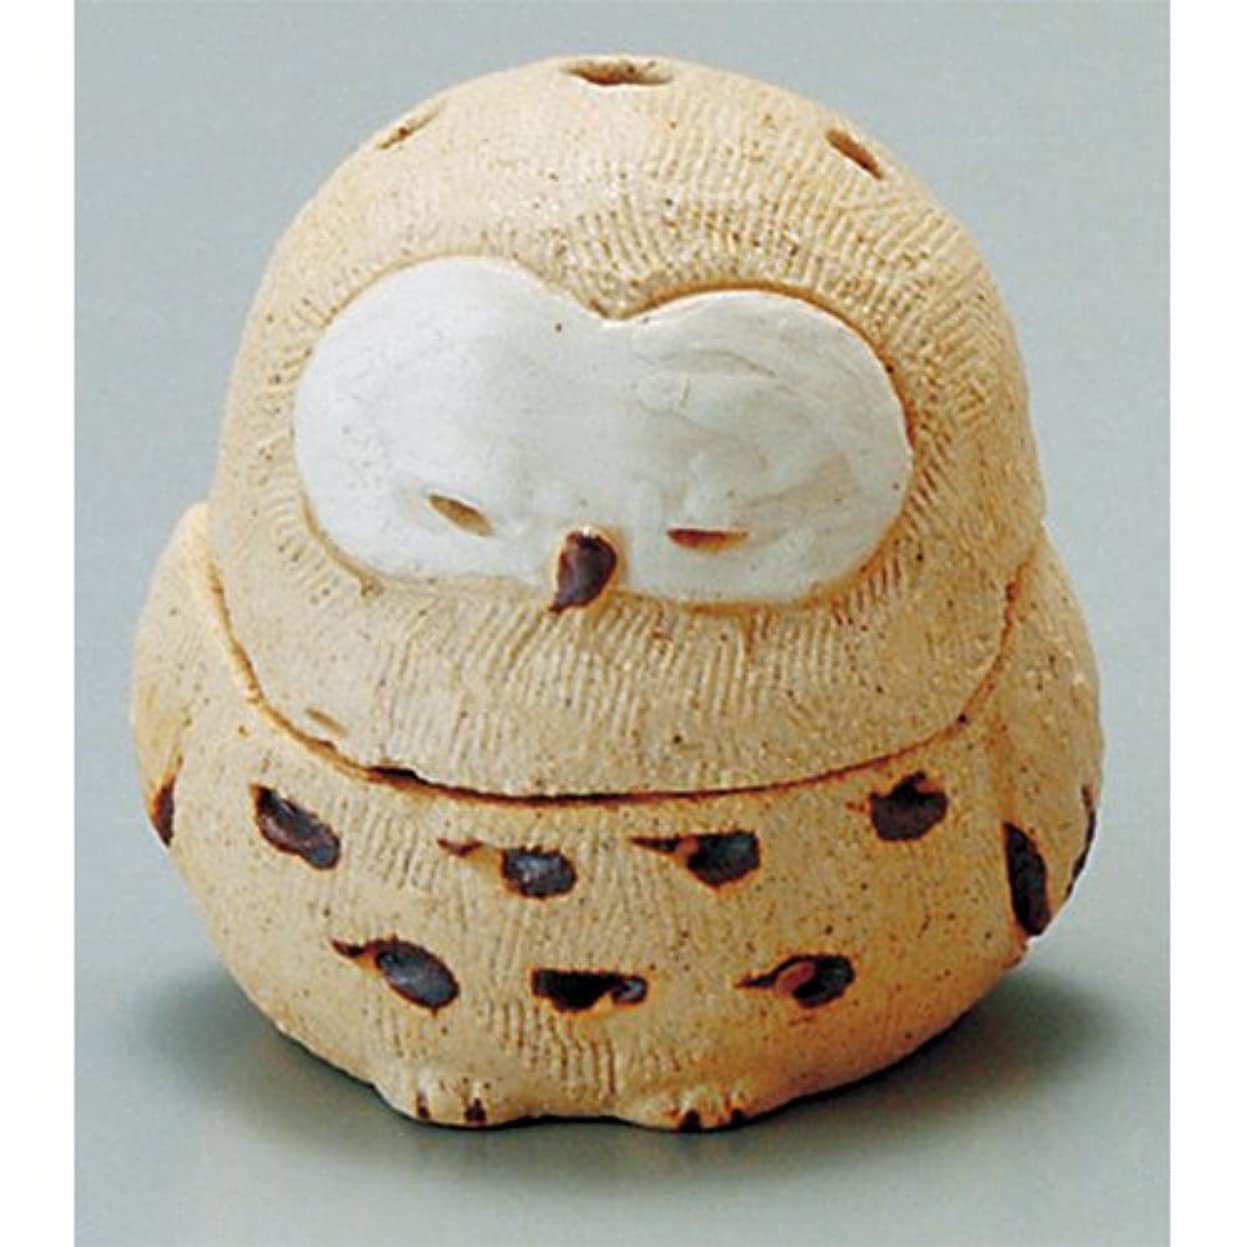 追い付くスパイ段階香炉 蔵ふくろう 香炉(大) [H10.5cm] HANDMADE プレゼント ギフト 和食器 かわいい インテリア